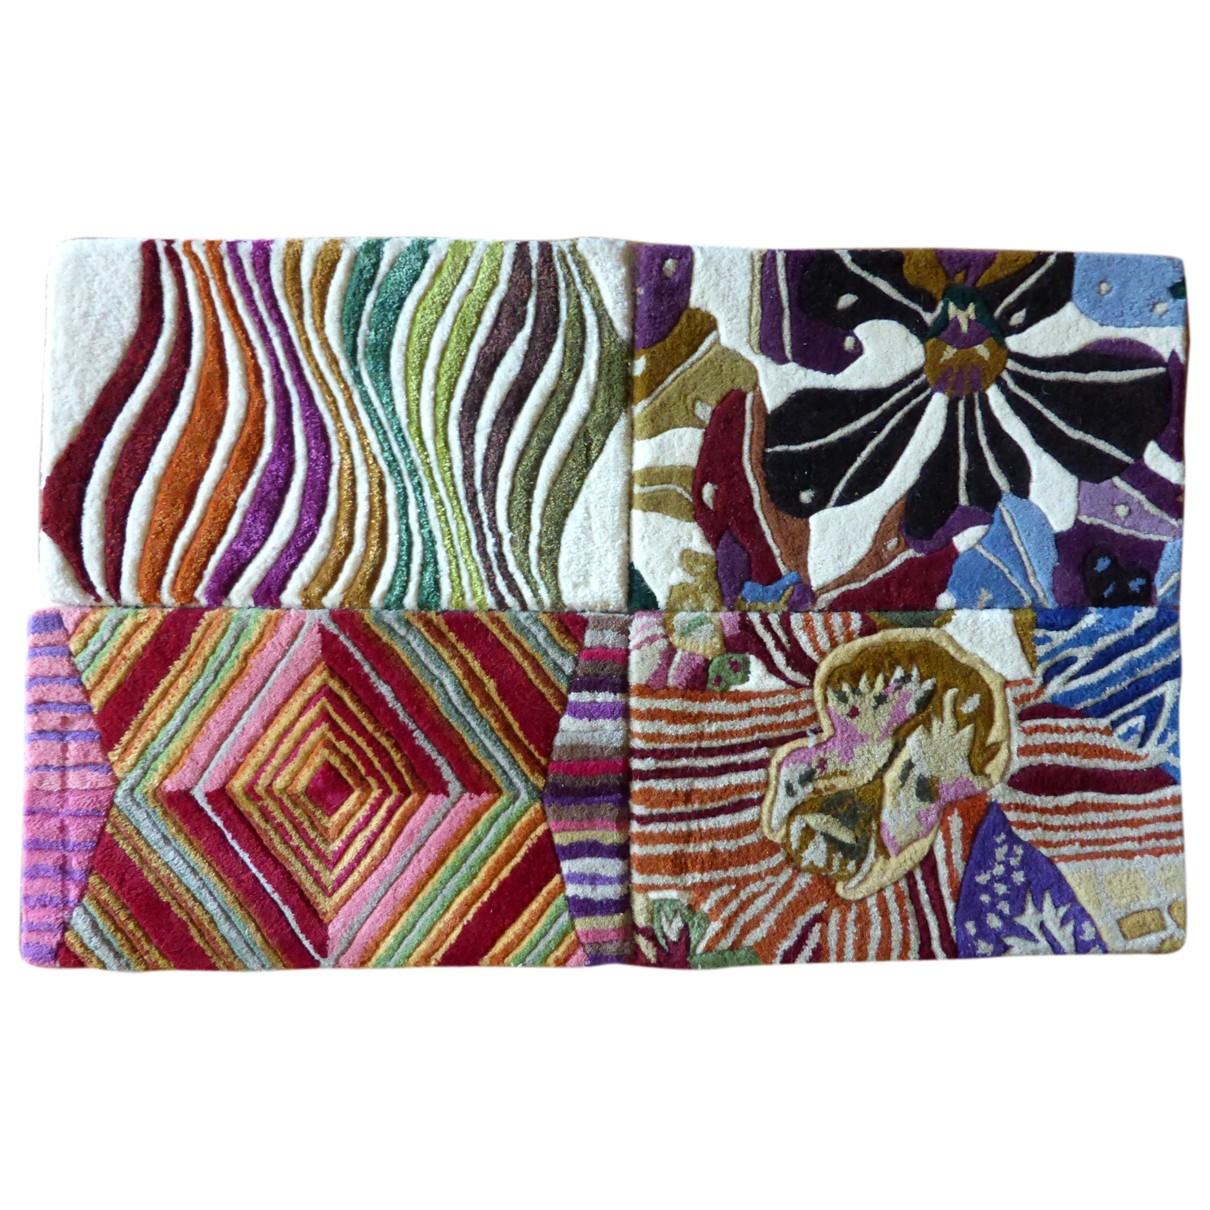 Missoni - Linge de maison   pour lifestyle en laine - multicolore